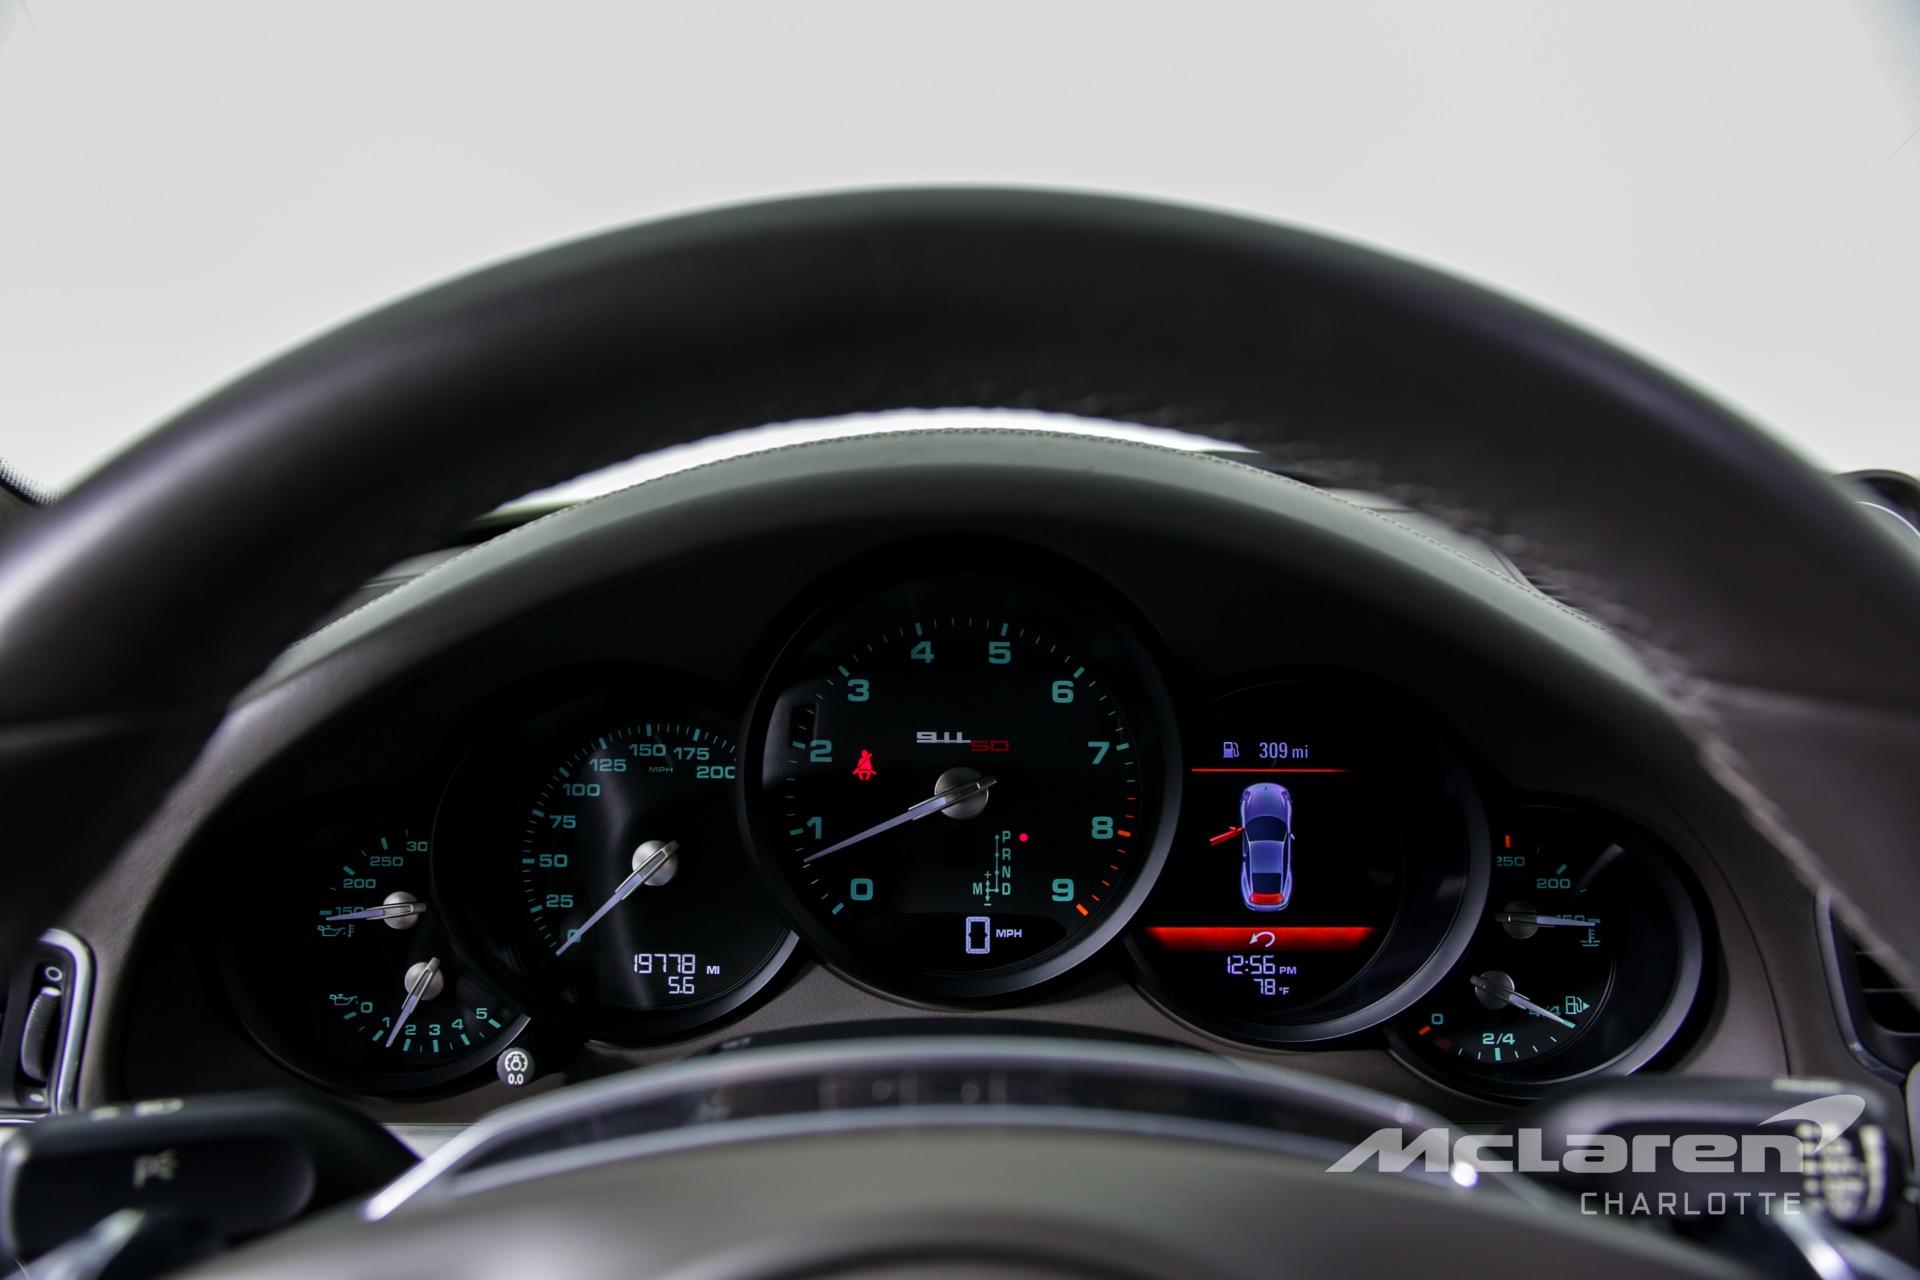 Used 2014 Porsche 911 Carrera S 50 Anniversary Edition | Charlotte, NC